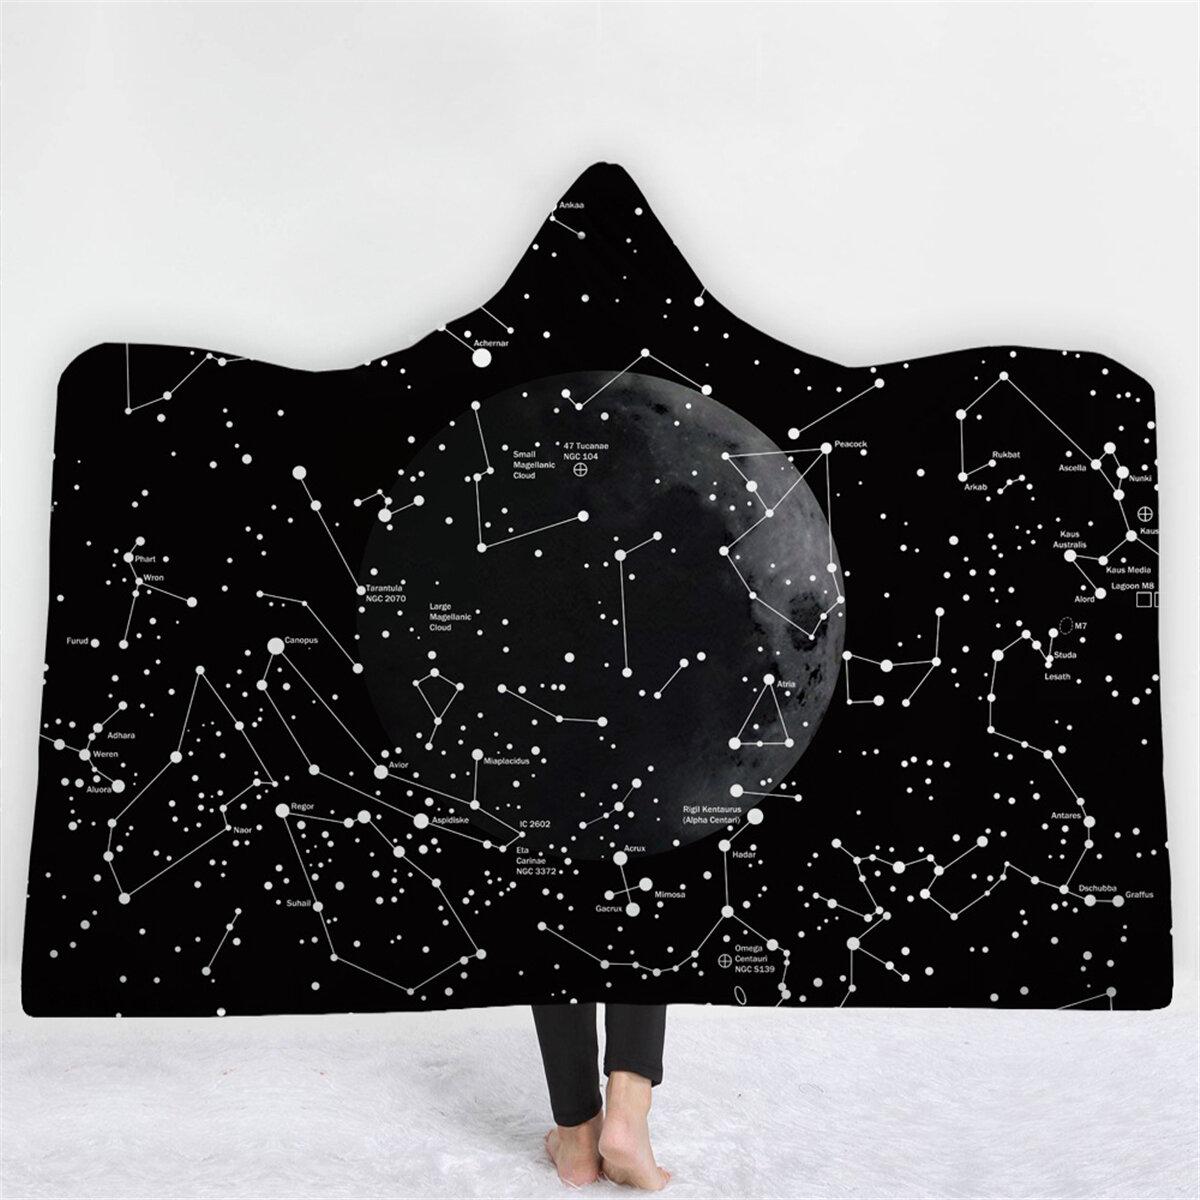 150 200cm 3d digital printing world map adult hooded blanket wearable durable blankets at banggood. Black Bedroom Furniture Sets. Home Design Ideas